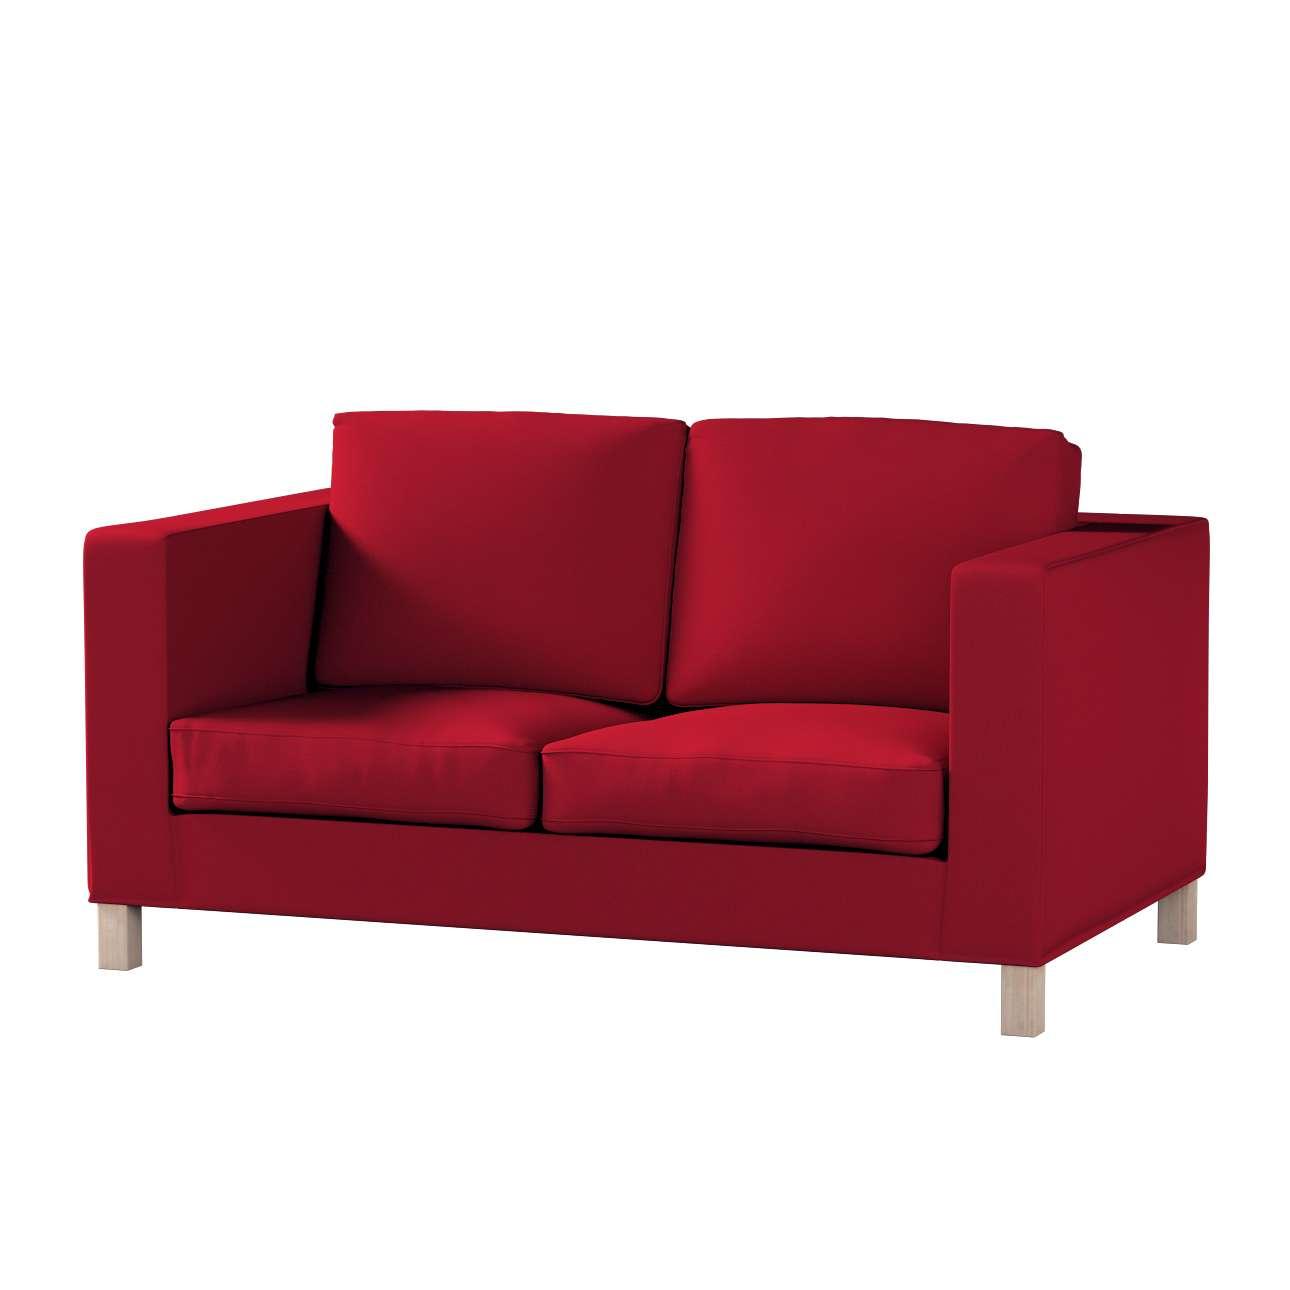 Karlanda 2-Sitzer Sofabezug nicht ausklappbar kurz Karlanda 2-Sitzer von der Kollektion Etna, Stoff: 705-60